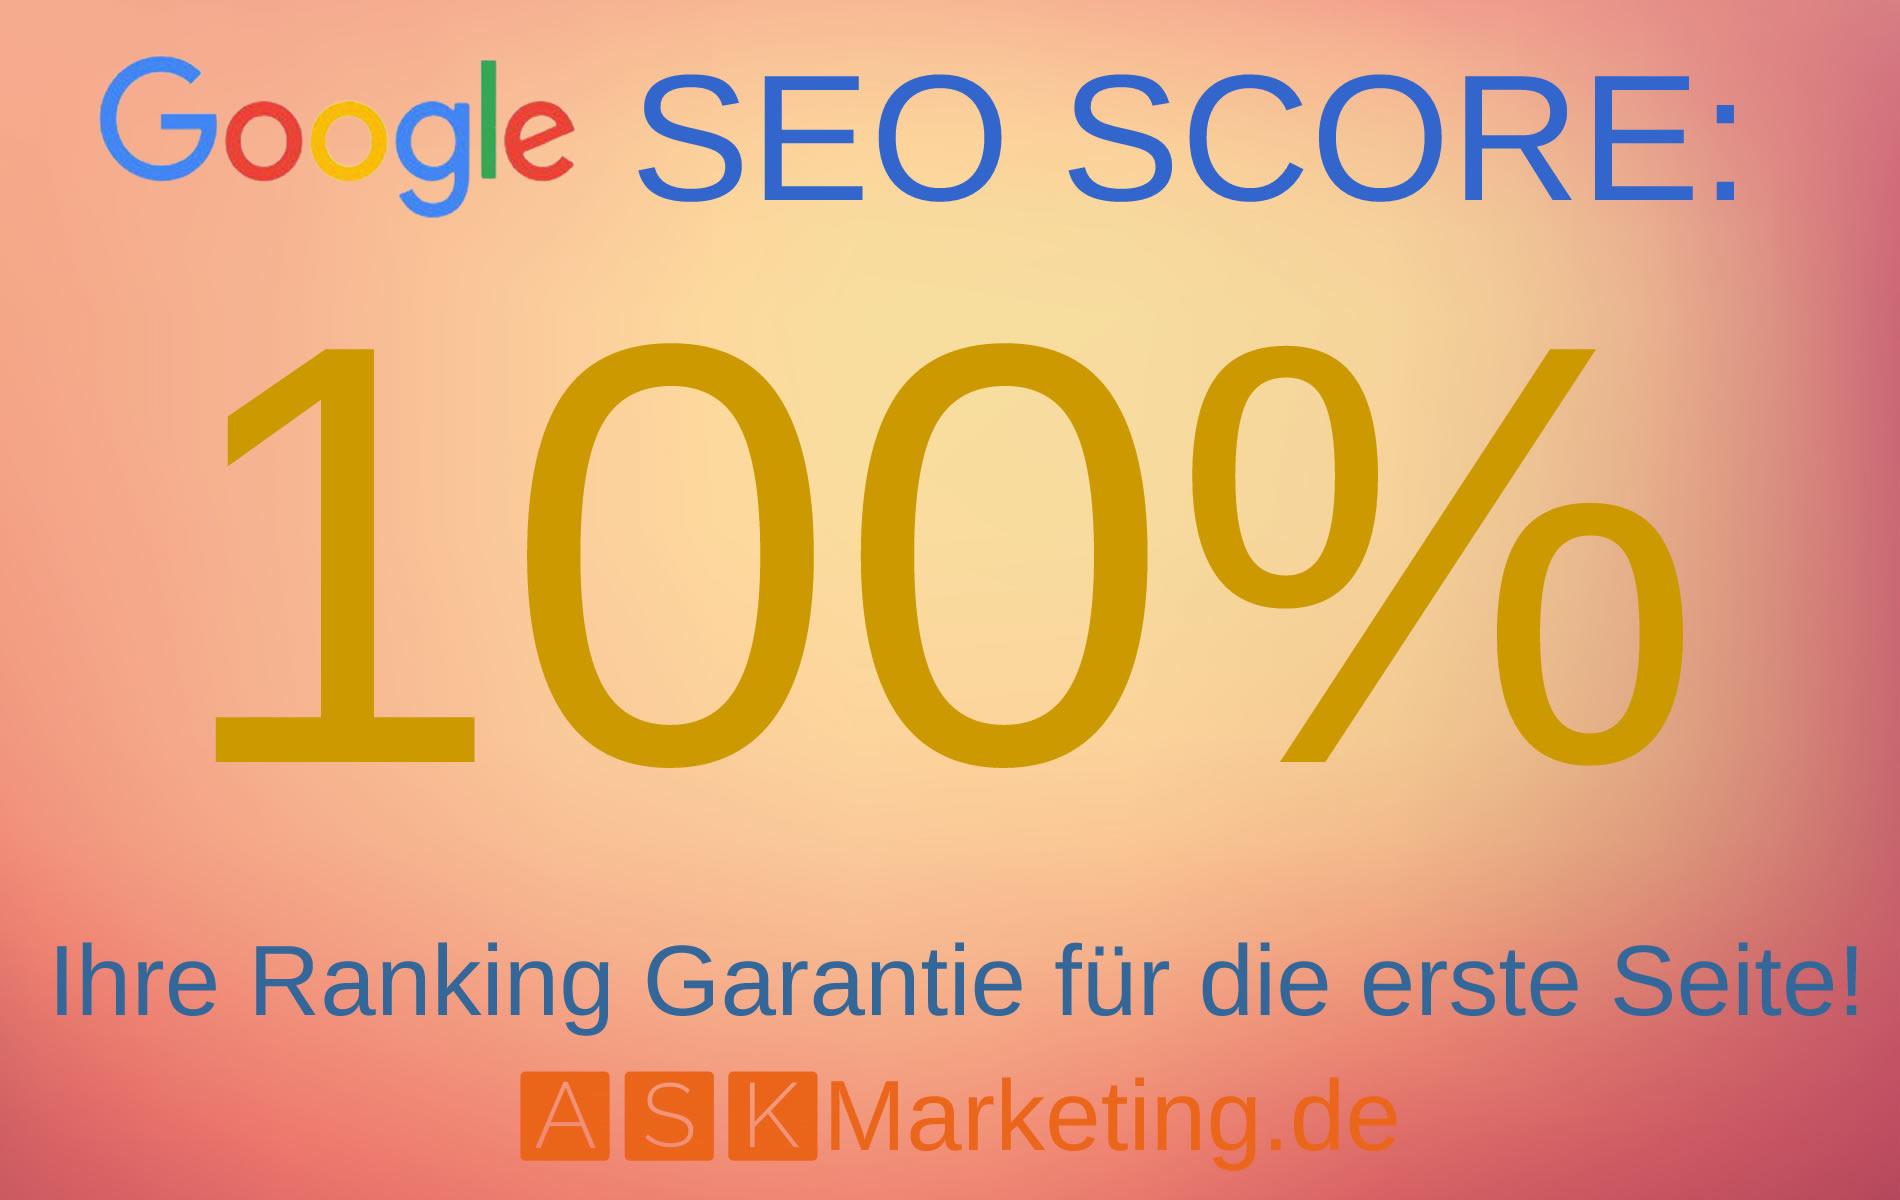 ASK Ranking Garantie